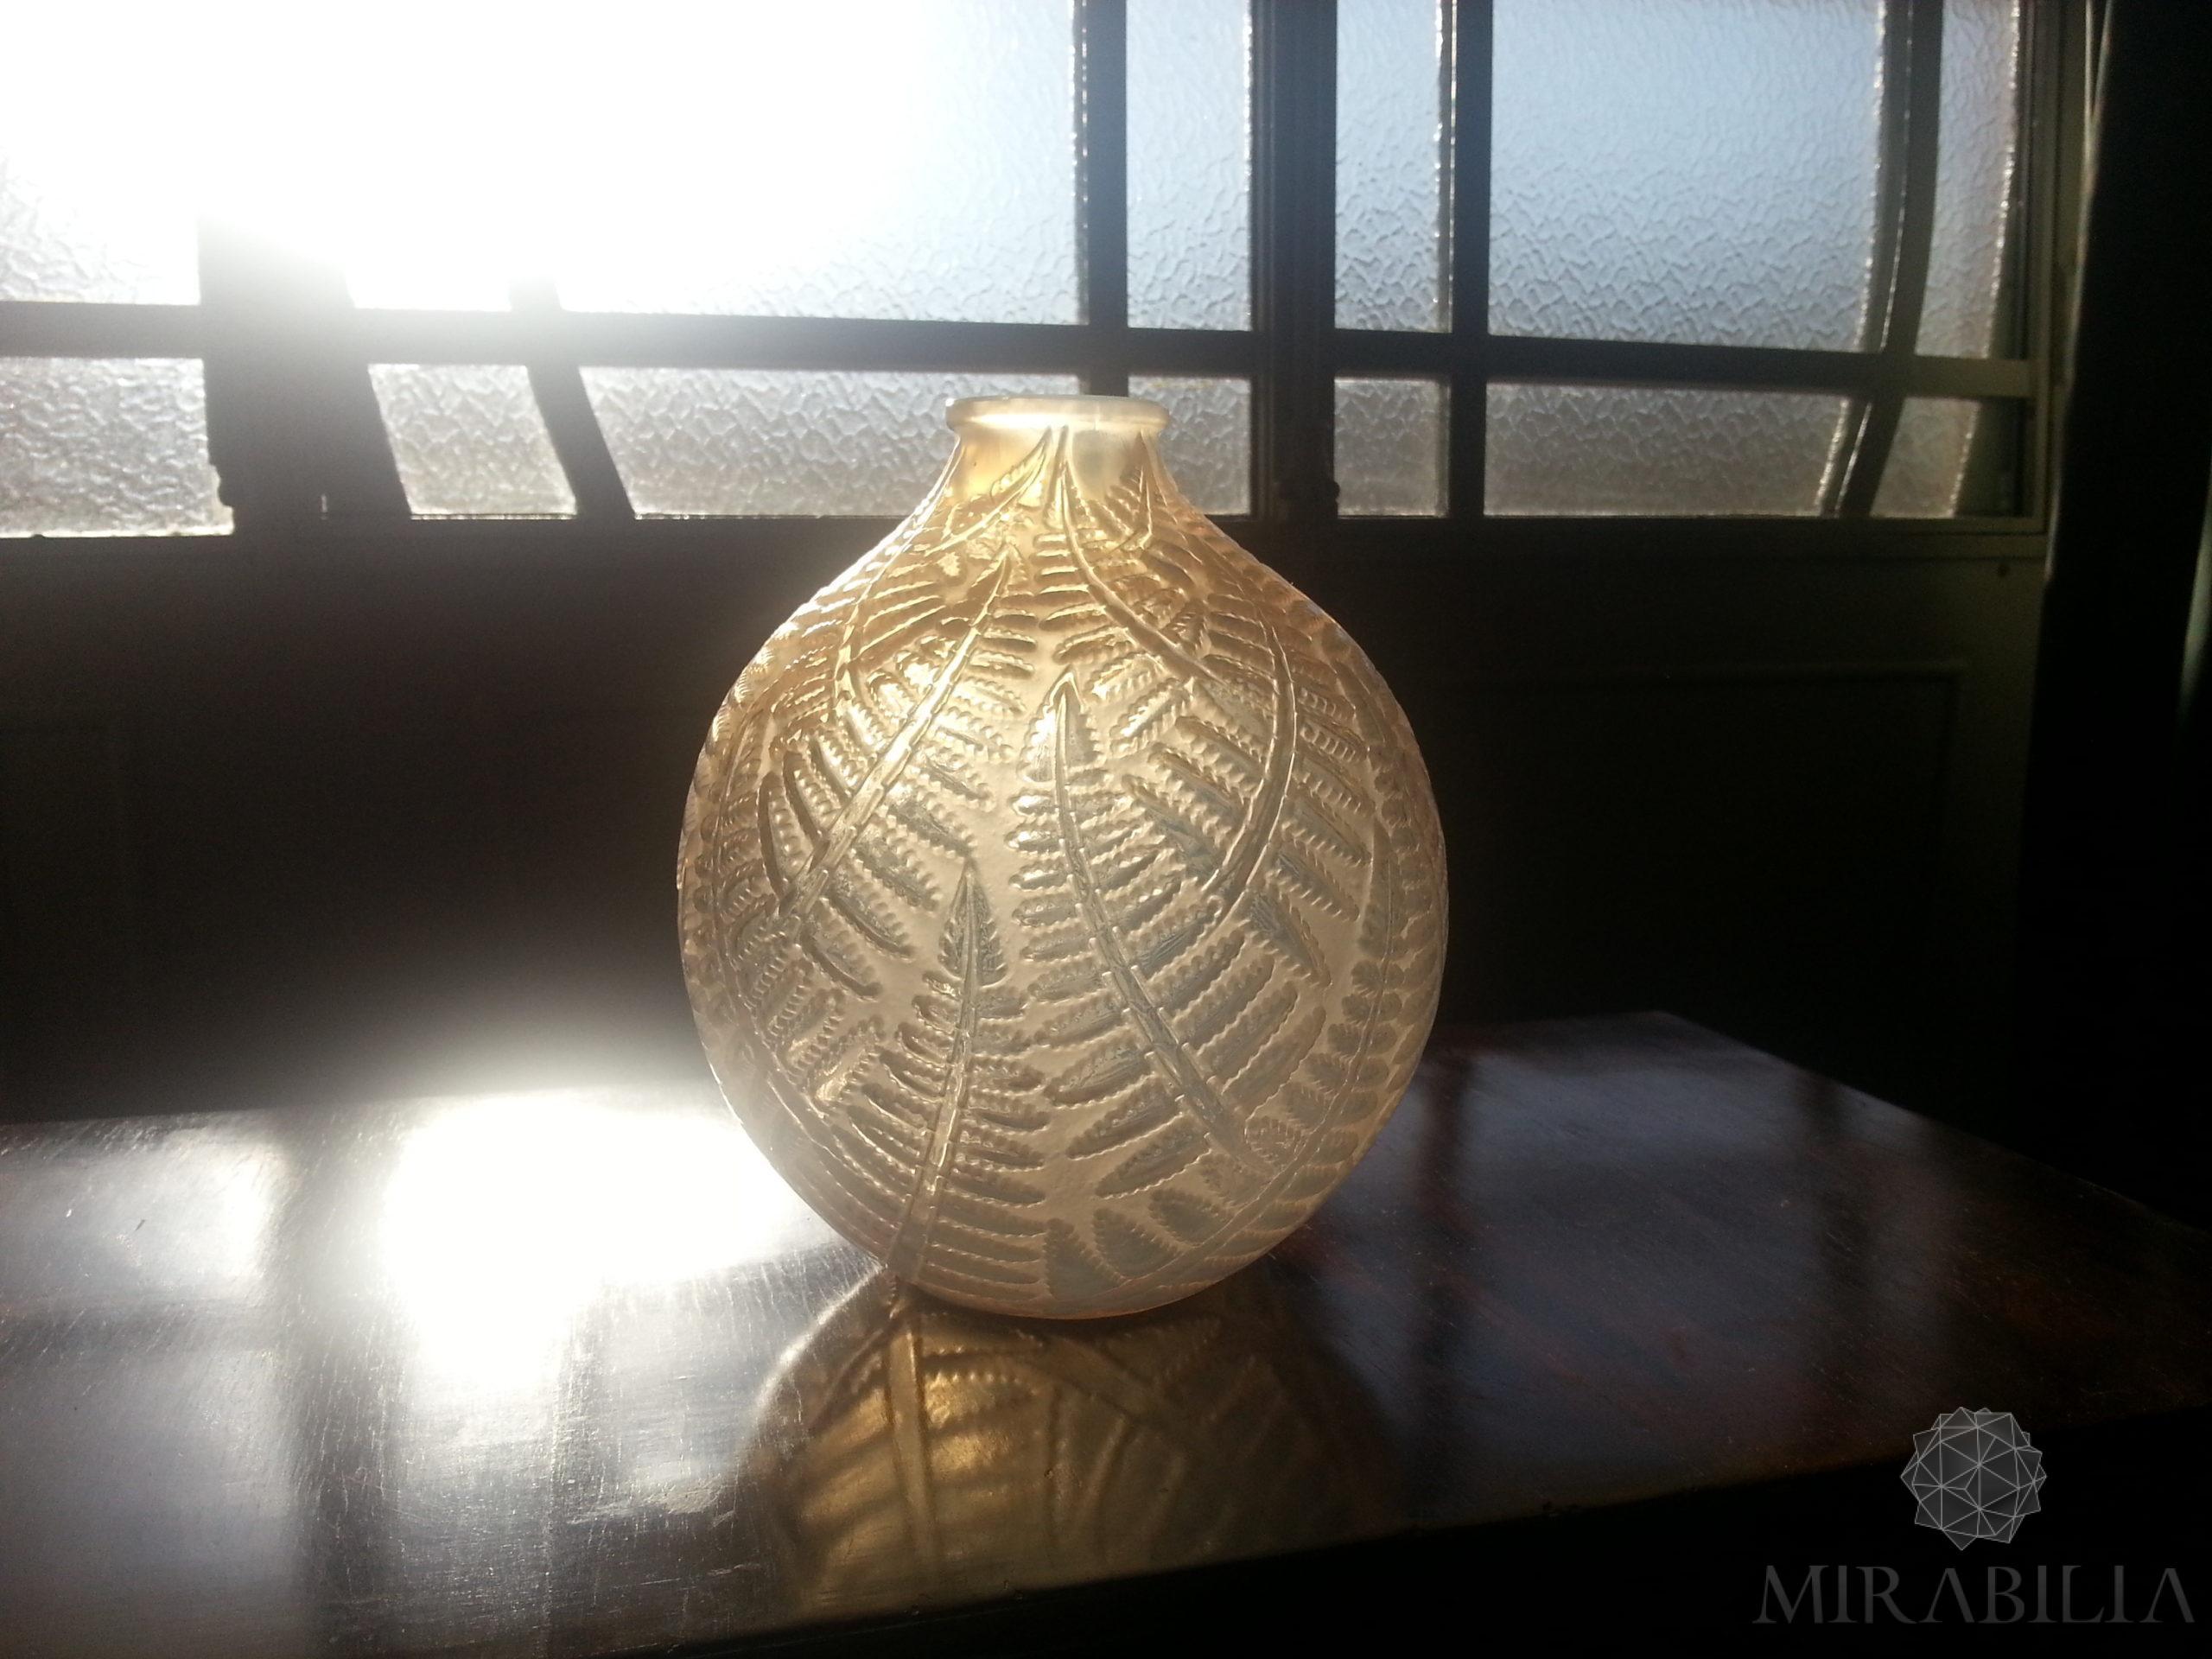 """Vaso a forma sferica """"Espalion"""", chiamato anche """"fougères"""", dettaglio decorazioni"""